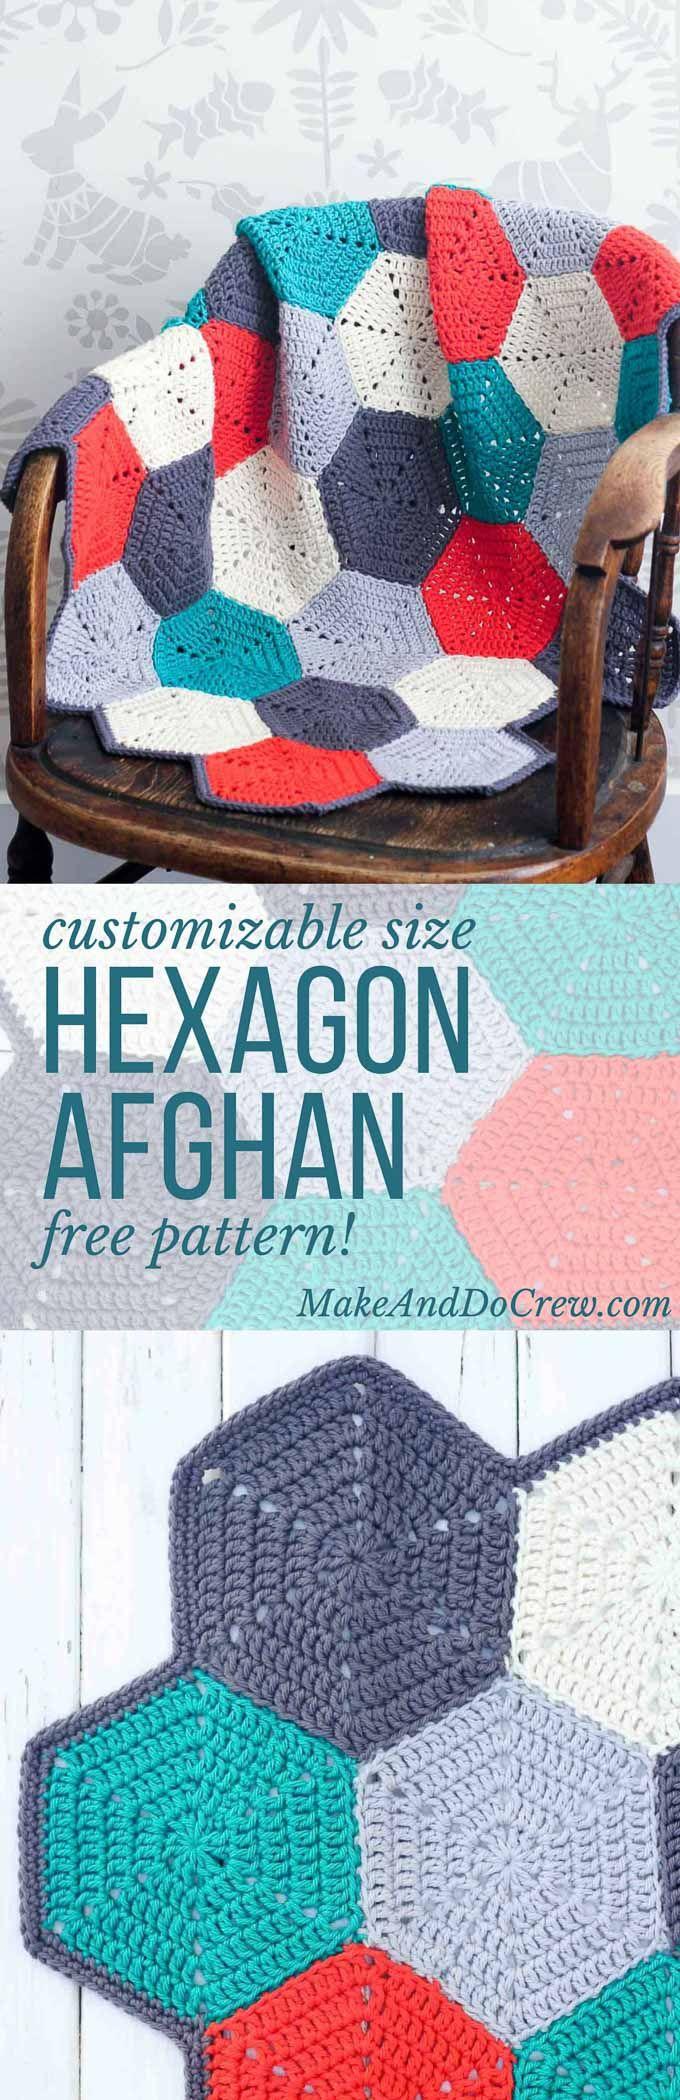 best  modern crochet blanket ideas on pinterest  crochet boy  - 'happy hexagons' free crochet afghan pattern